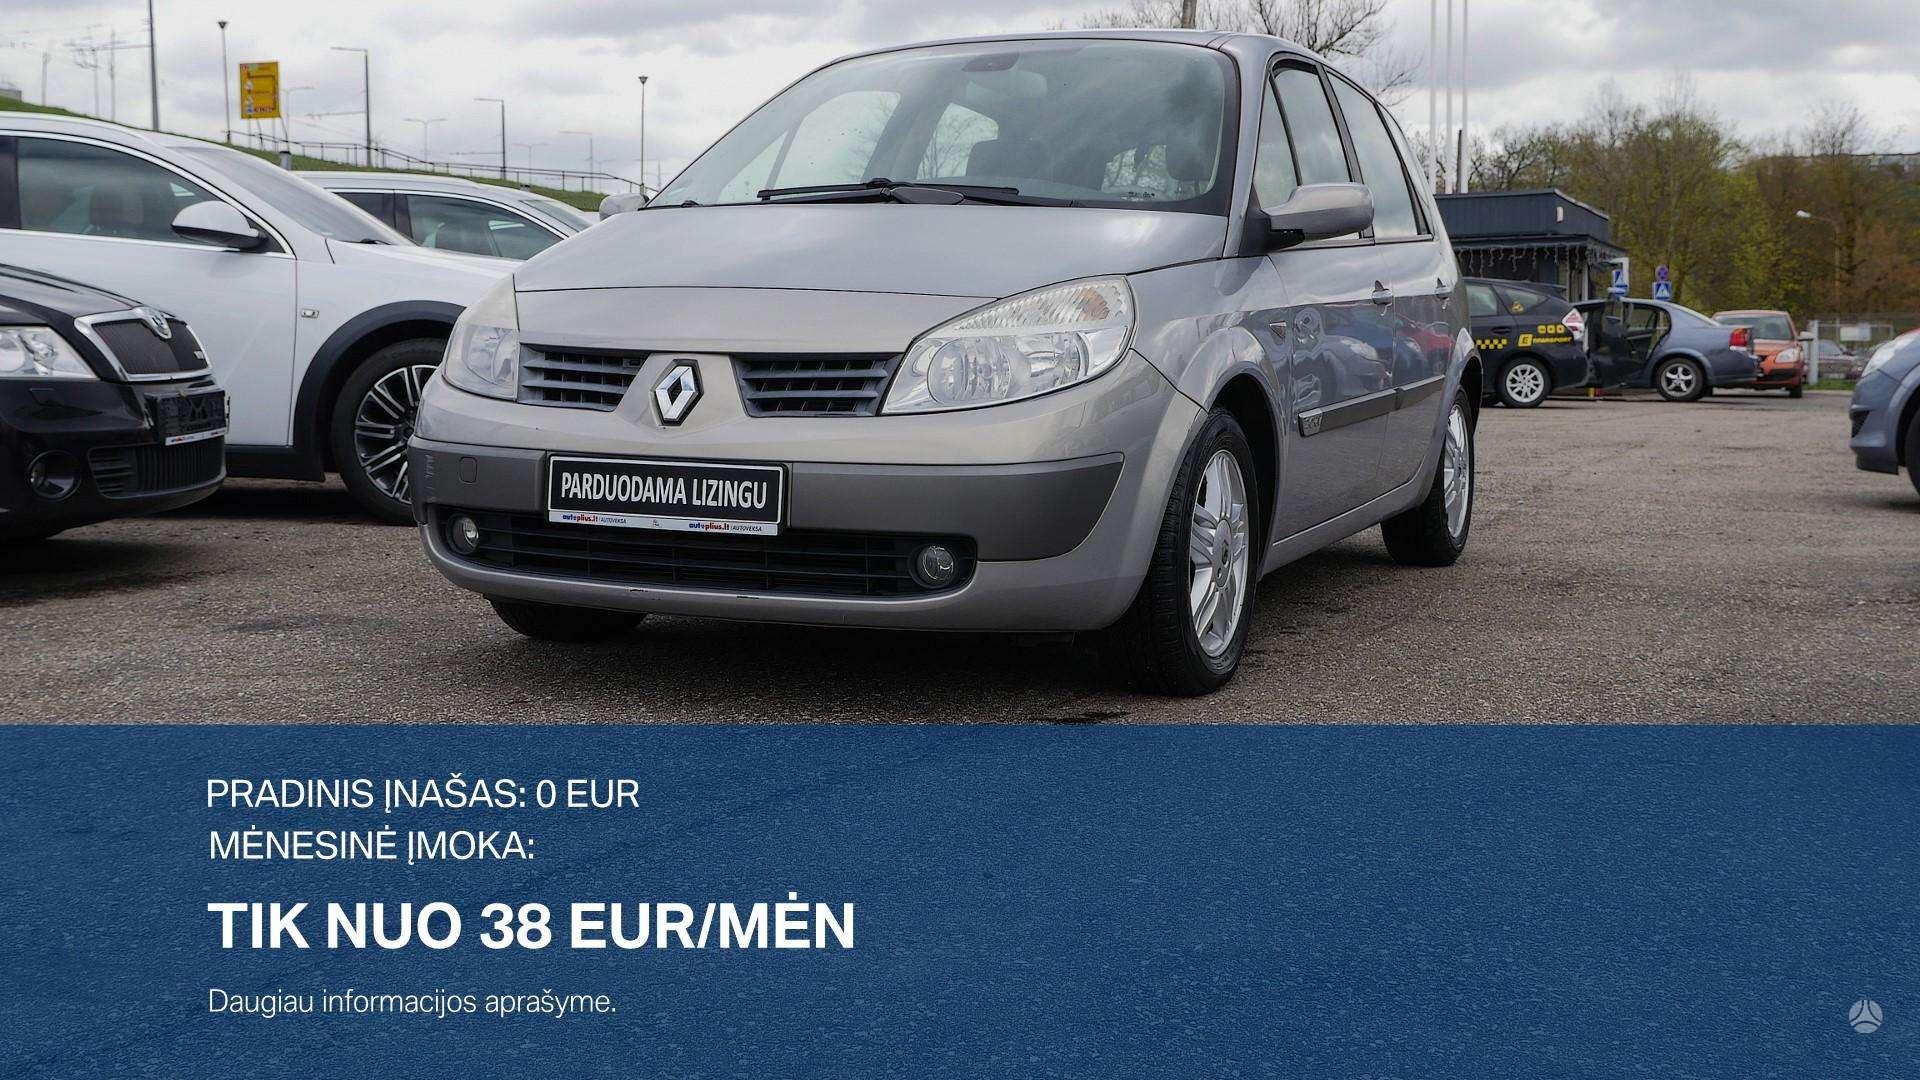 Renault Scenic išsimokėtinai nuo 38Eur/Mėn su 3 mėnesių garantija